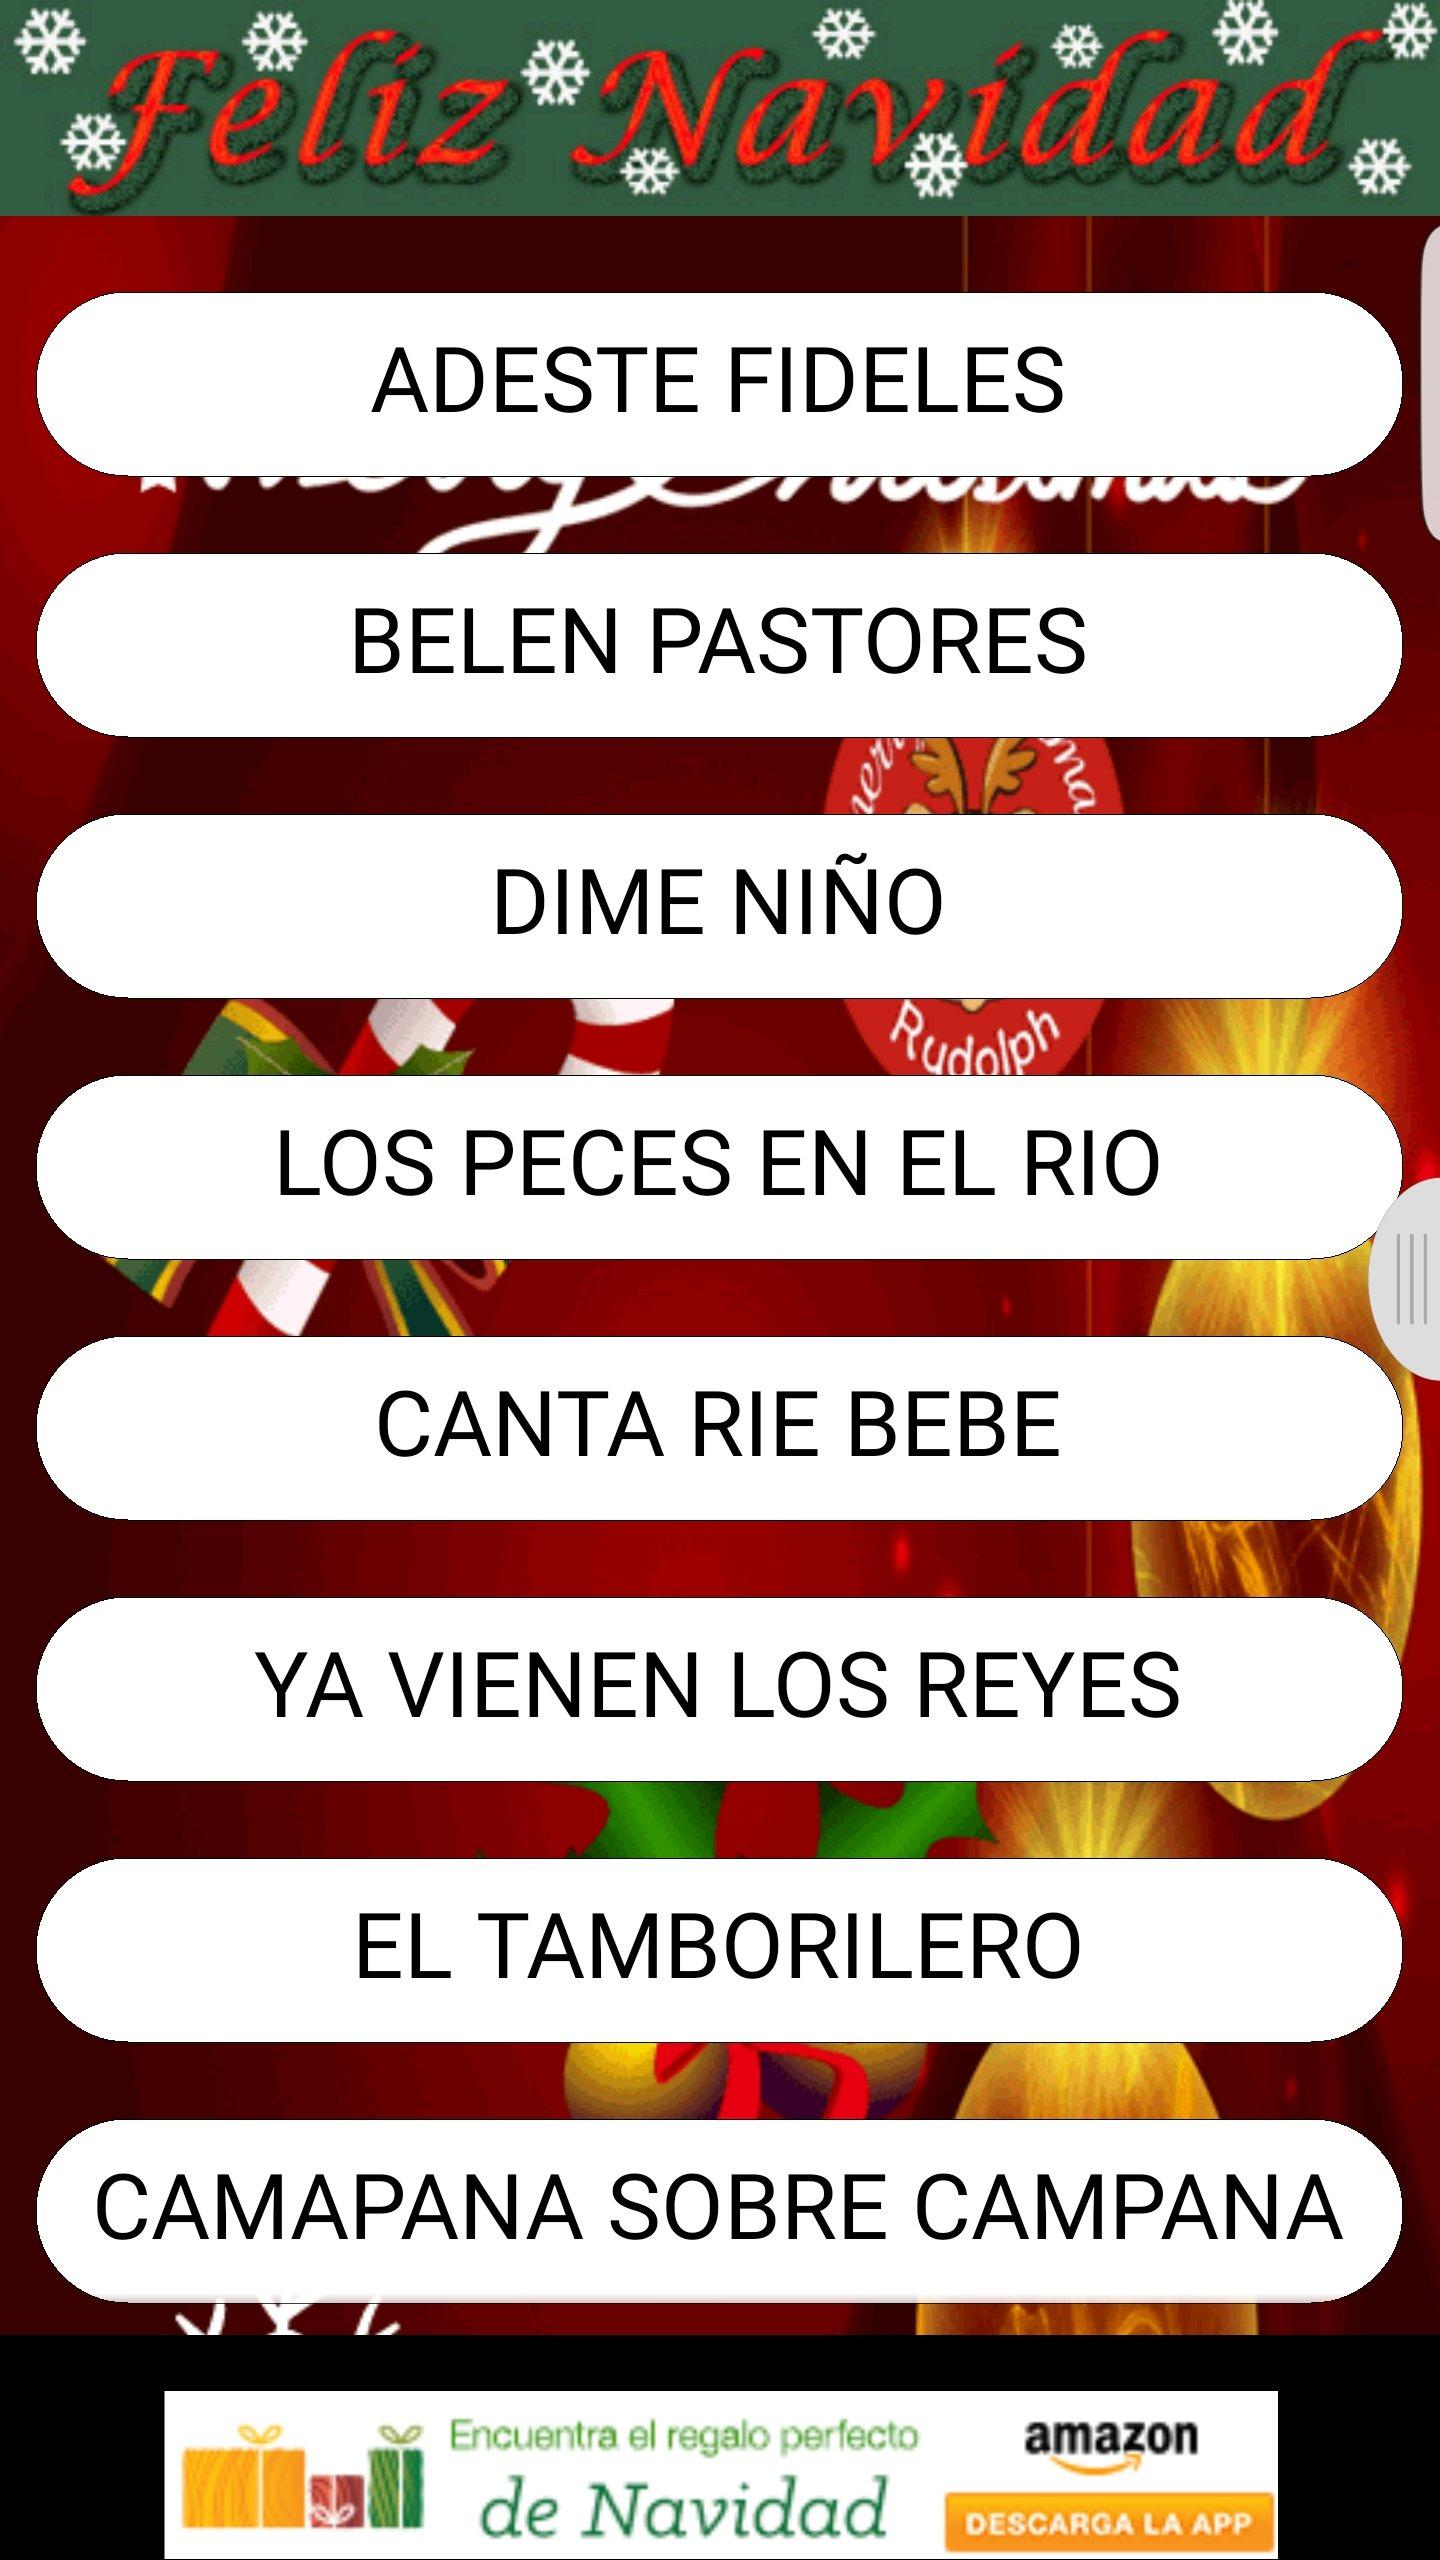 Descargar villancicos navidenos gratis mp3 espanol